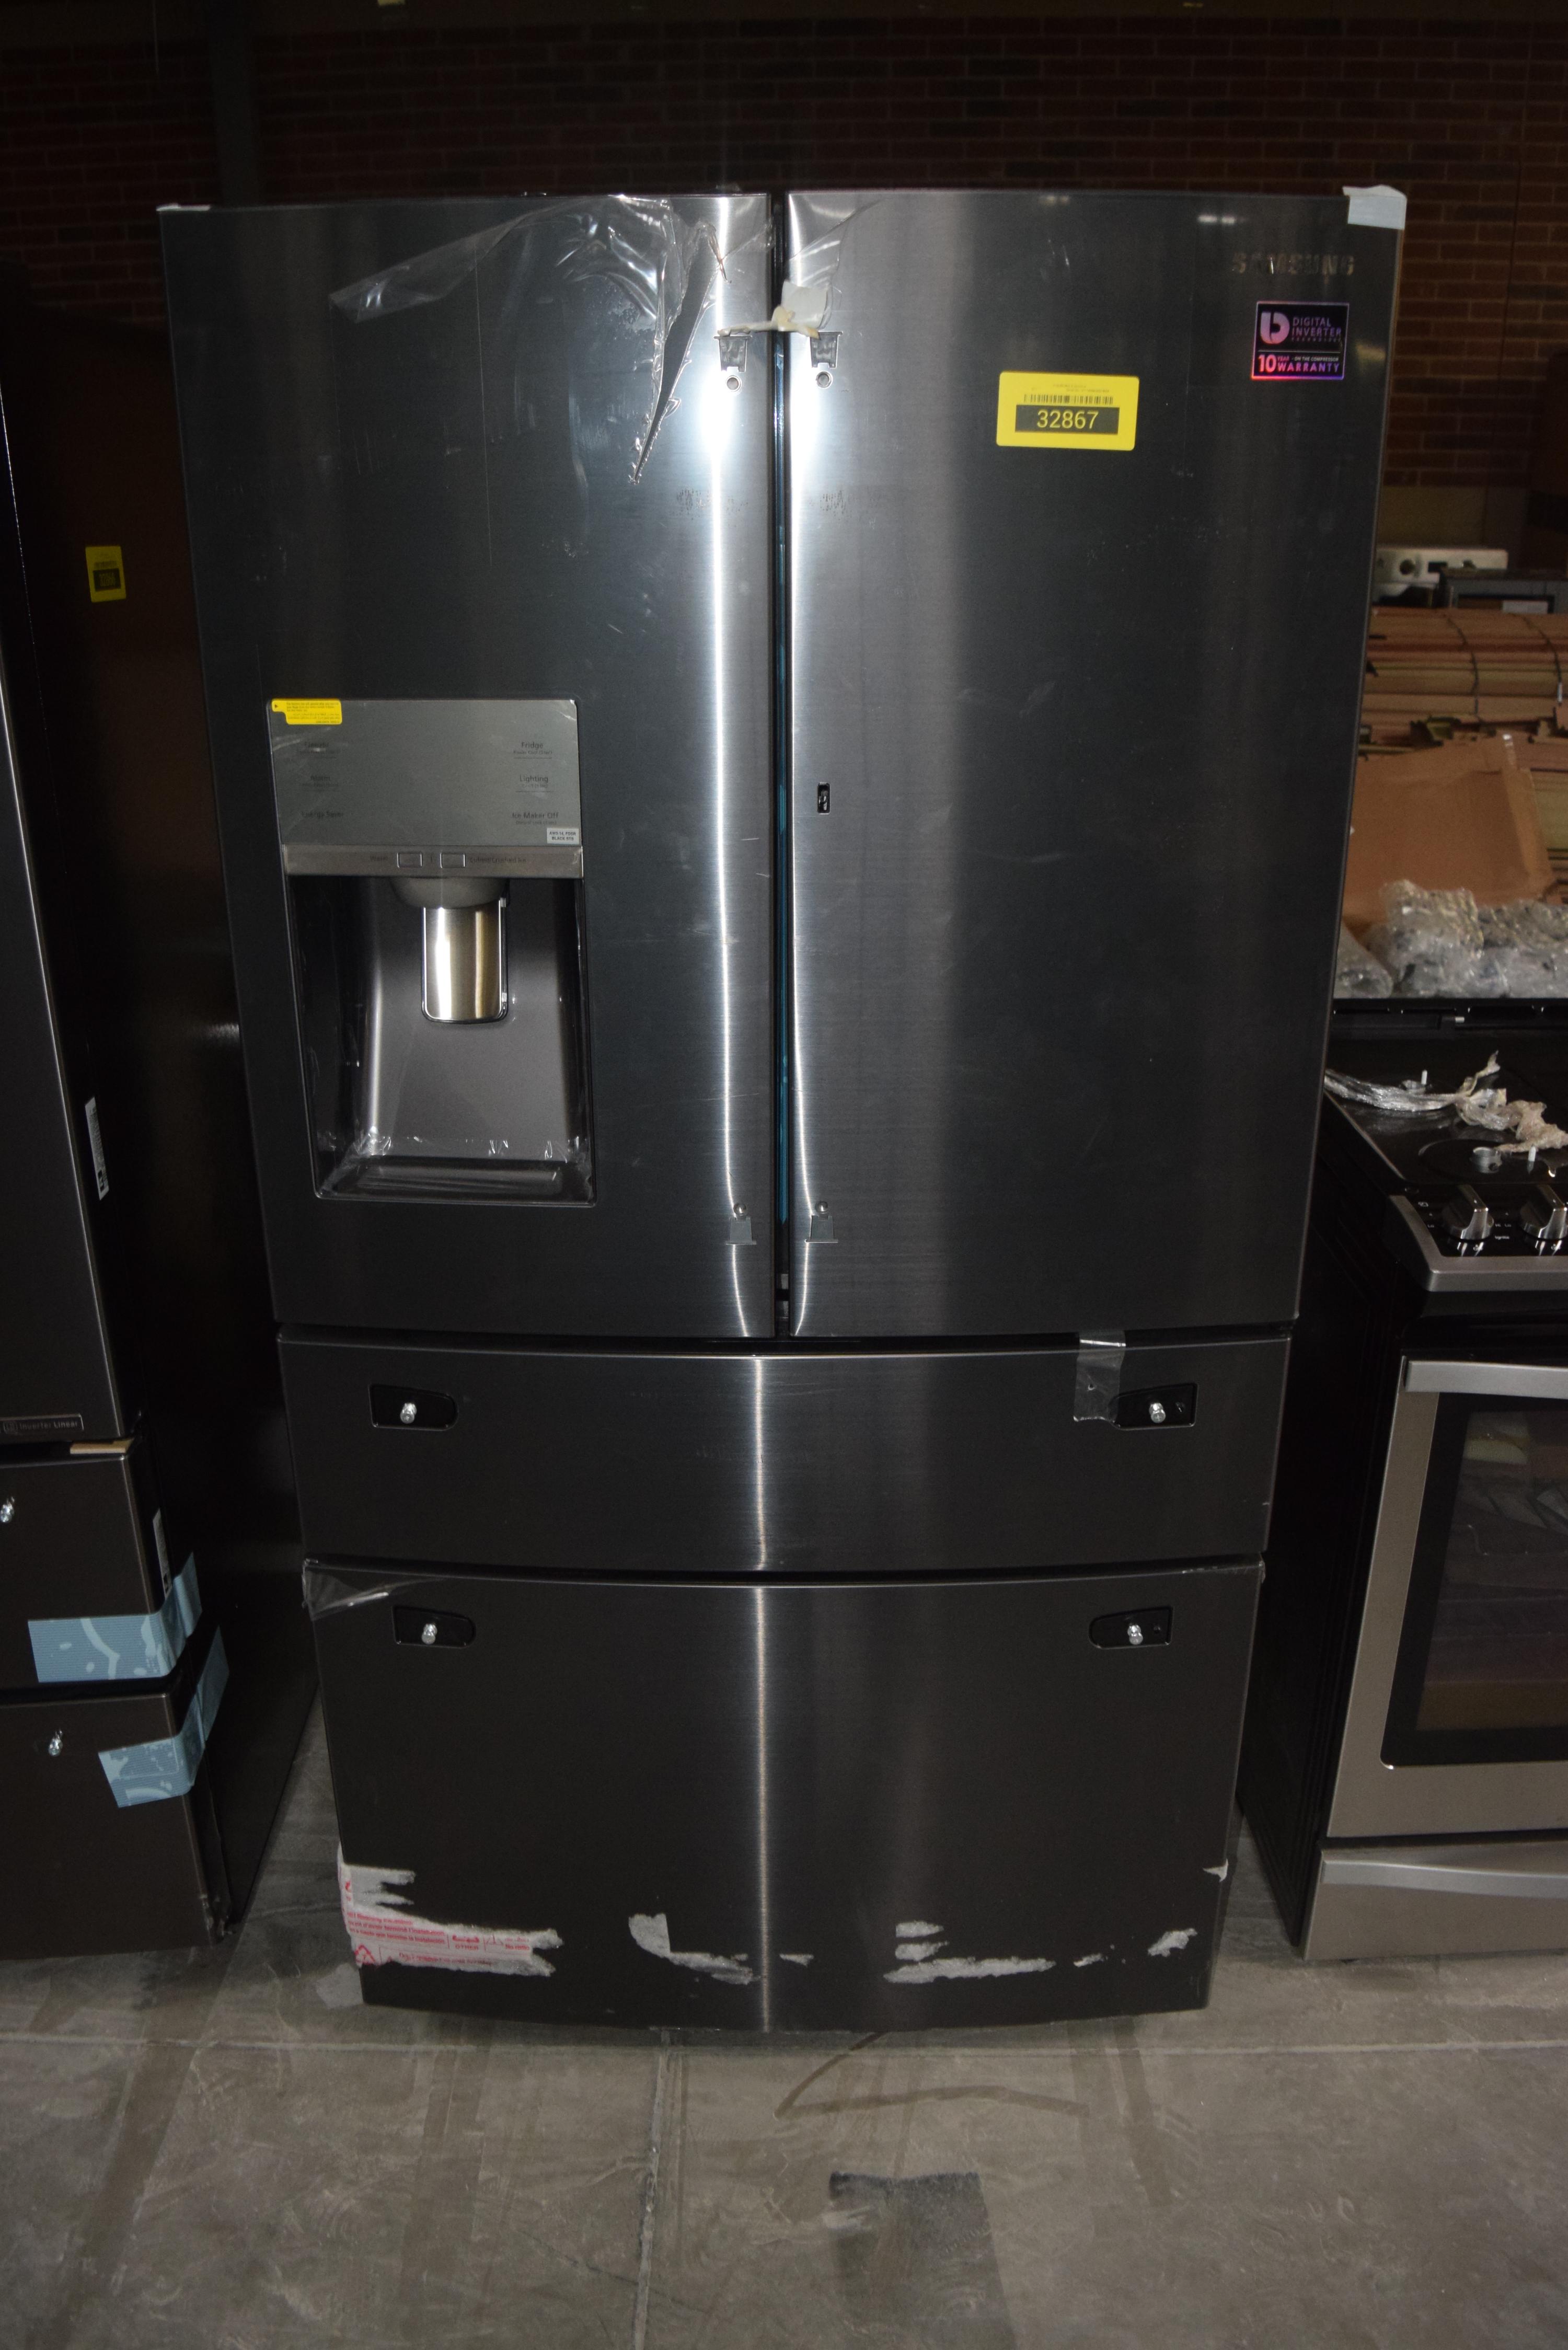 Samsung RF28JBEDBSG French Door Refrigerator Black Stainless Steel